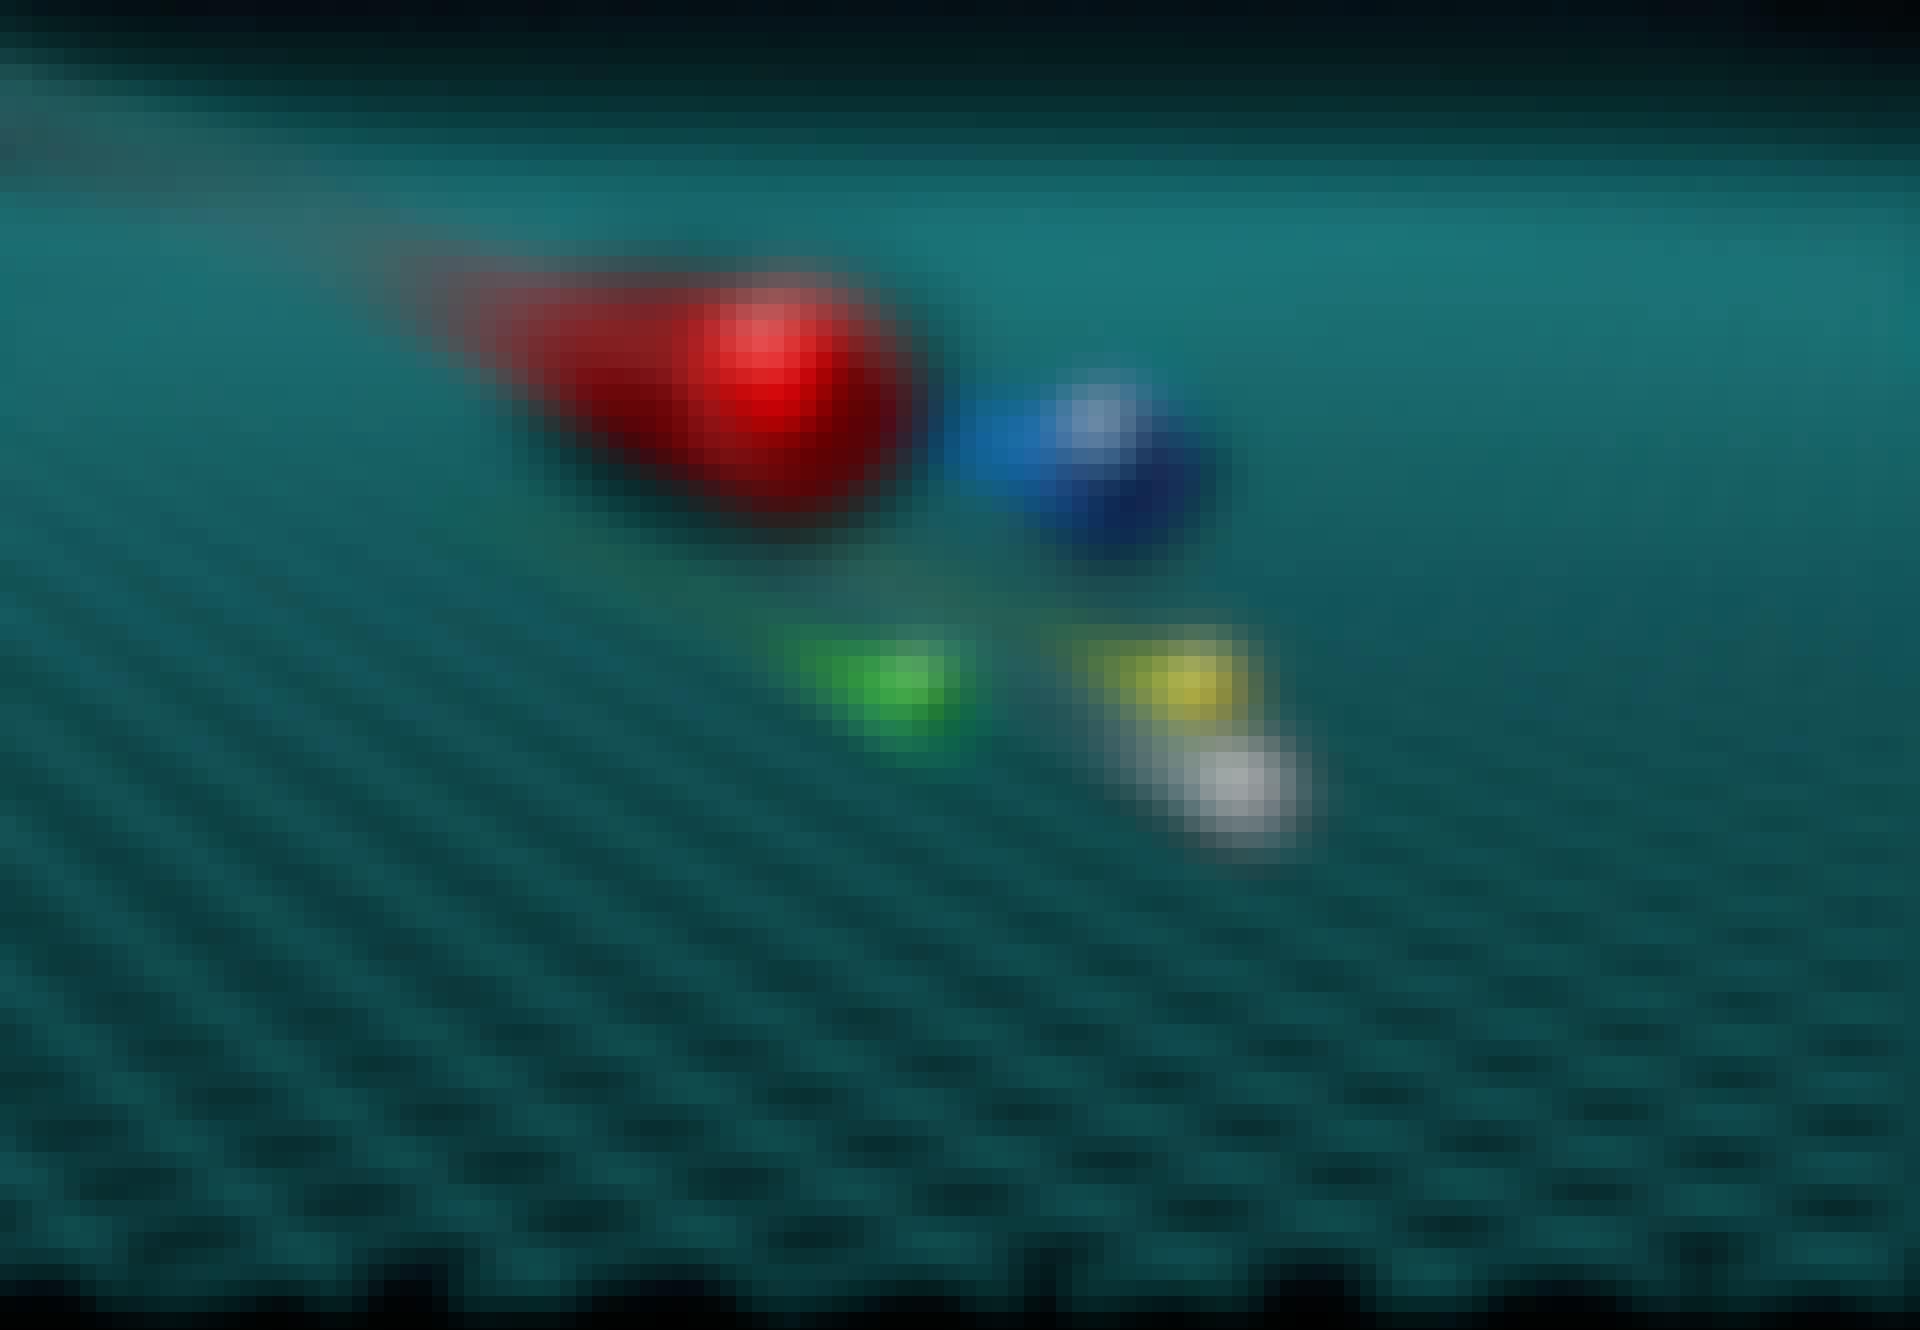 Hiukkaset kaikkeuden nopeusrajoitukset - Higgsin kenttä